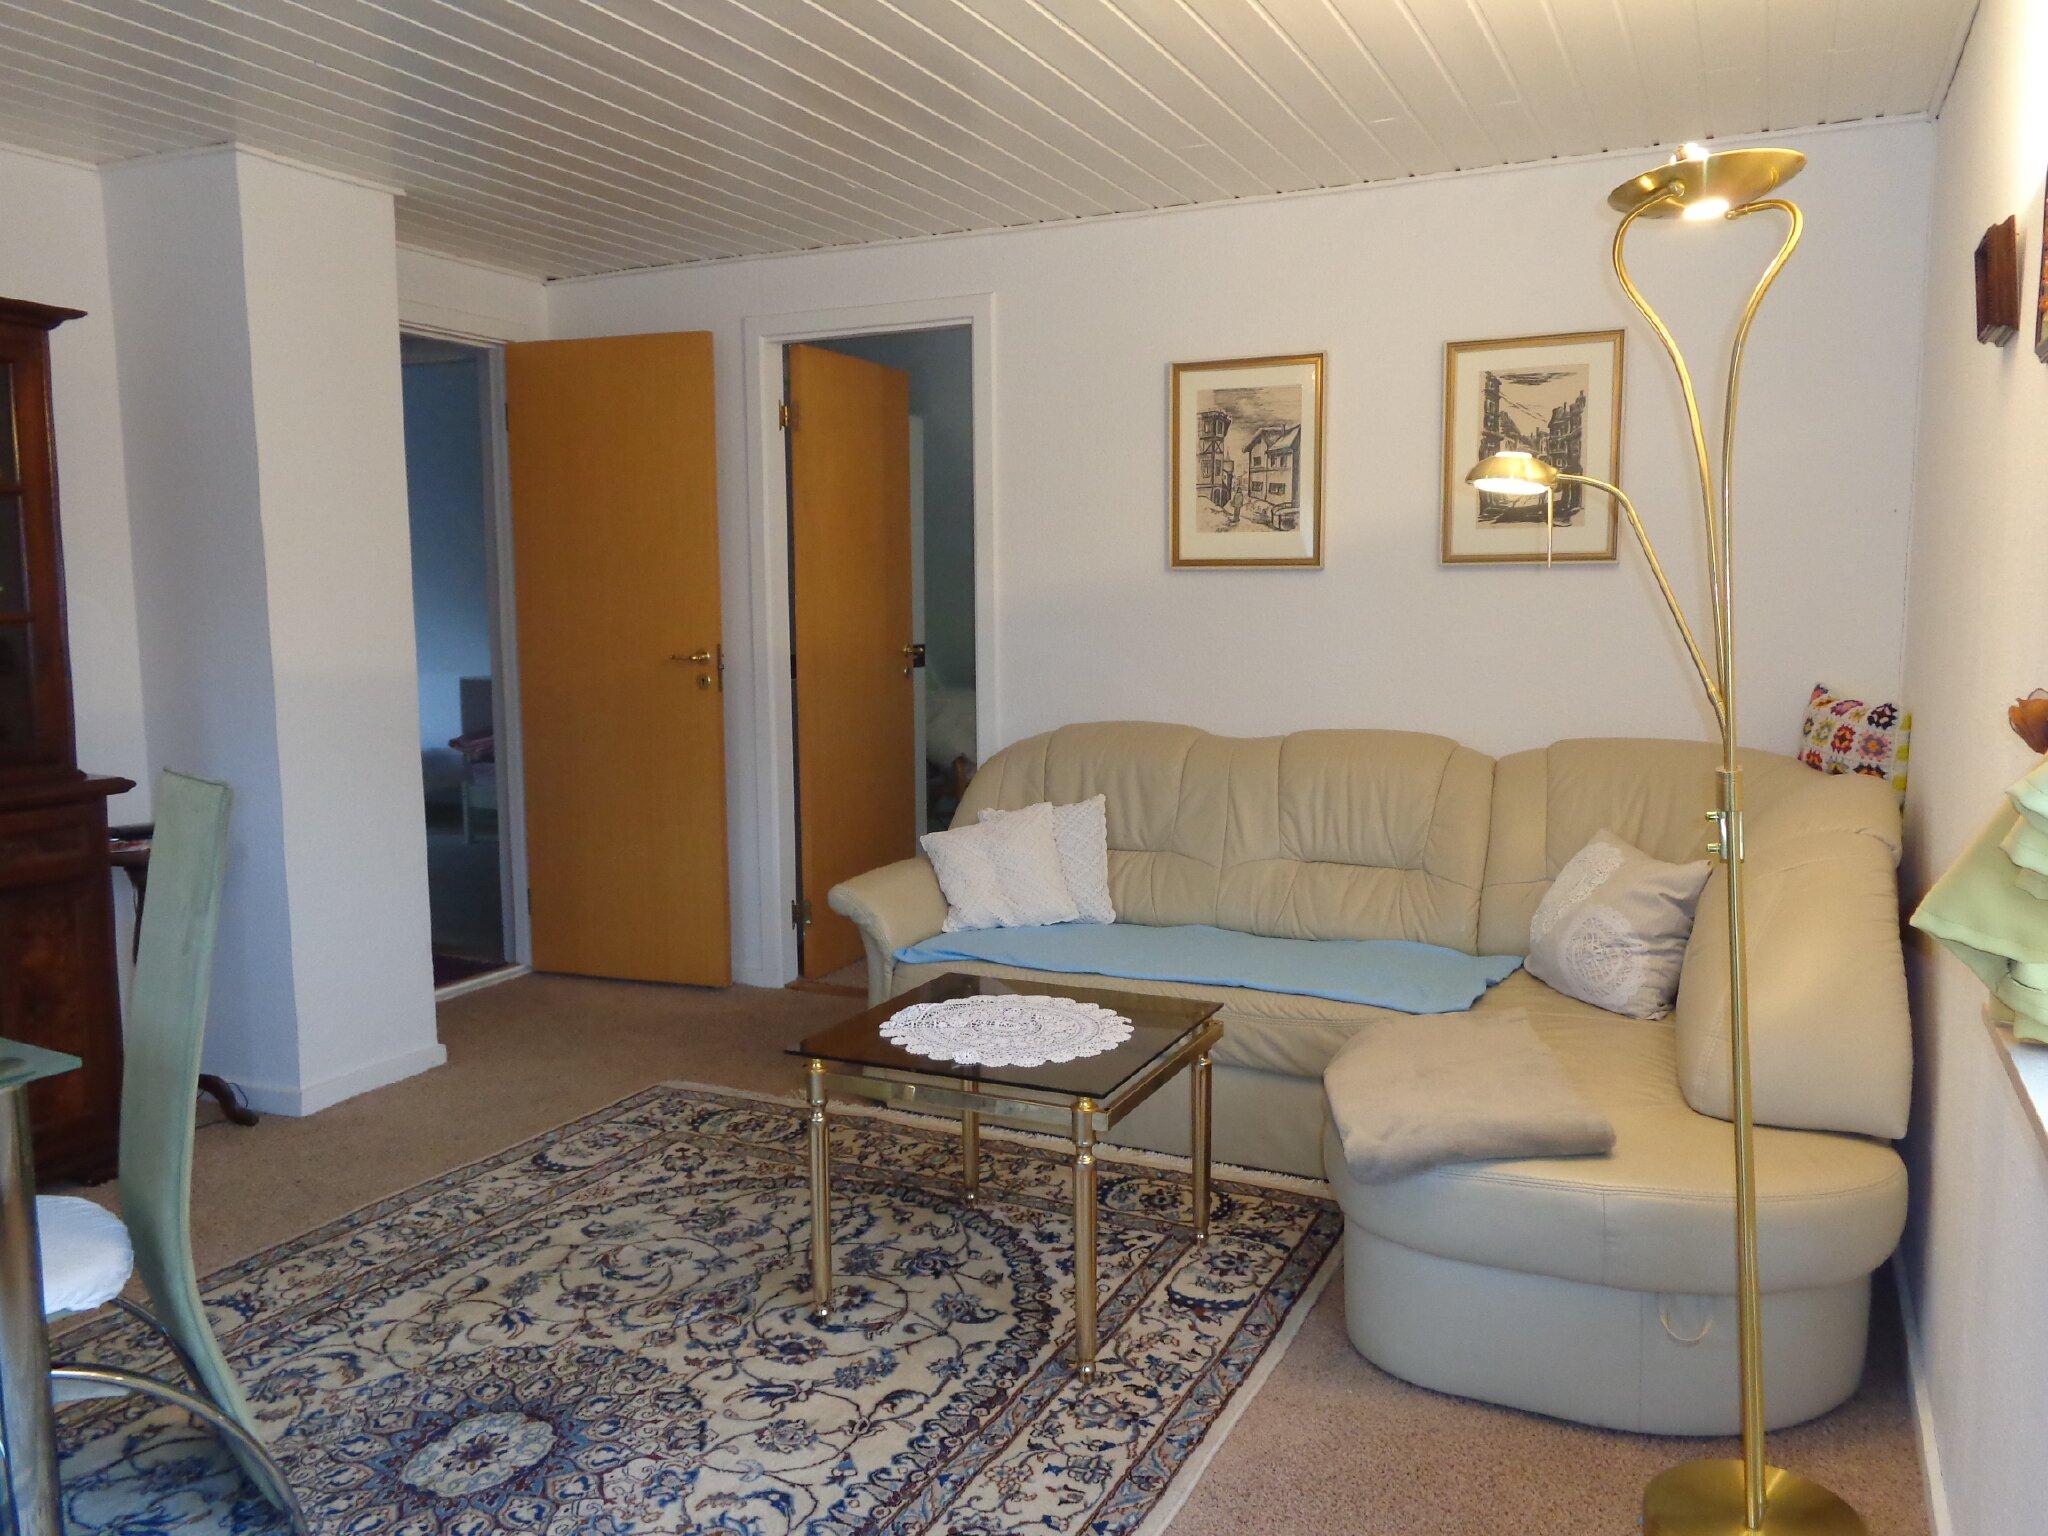 2. Schlafzimmer mit Sofa